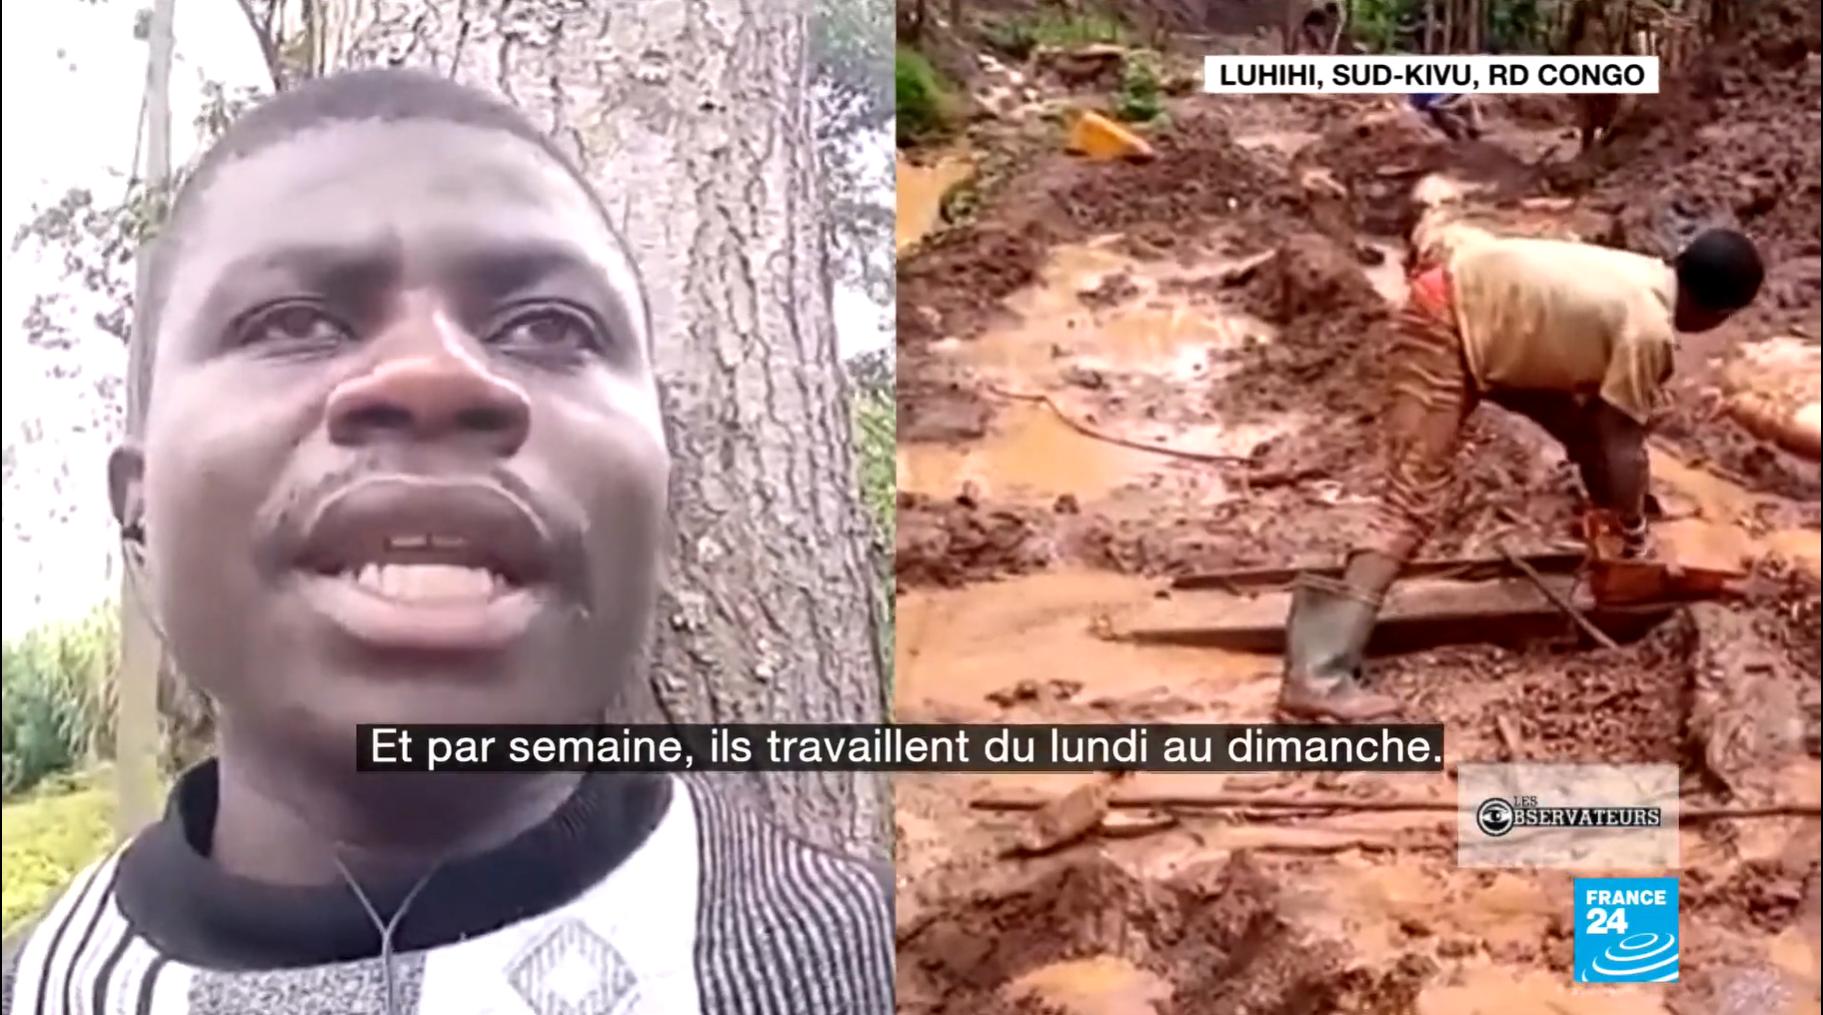 Idi Kyalondwana, qui travaille dans une coopérative minière de concassage de pierres, a filmé plusieurs vidéos attestant de la présence d'enfants dans les mines d'or artisanale du Sud-Kivu, dans l'est de la République démocratique du Congo.